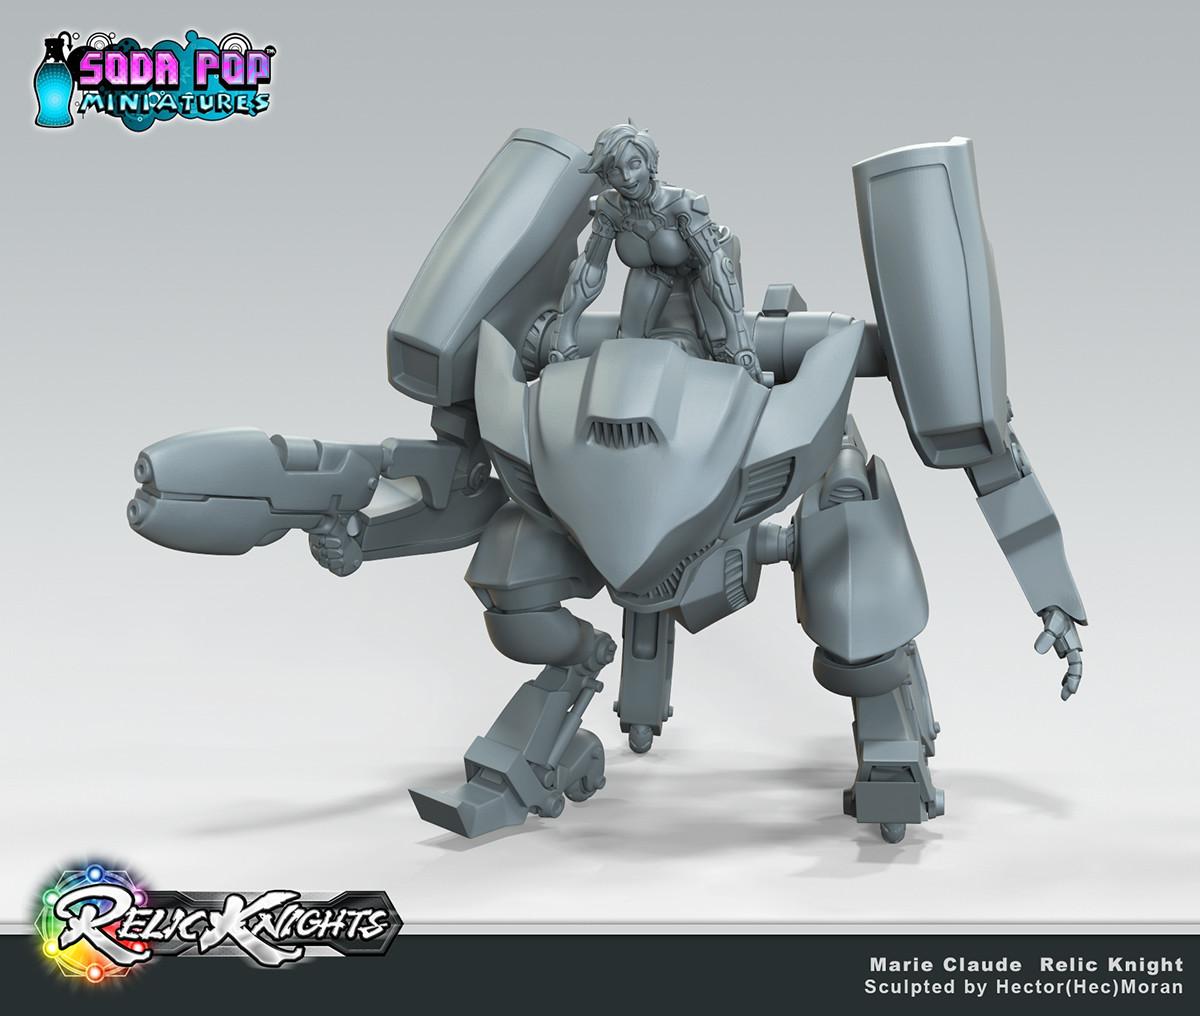 Hector moran hec aaa mcb knight render